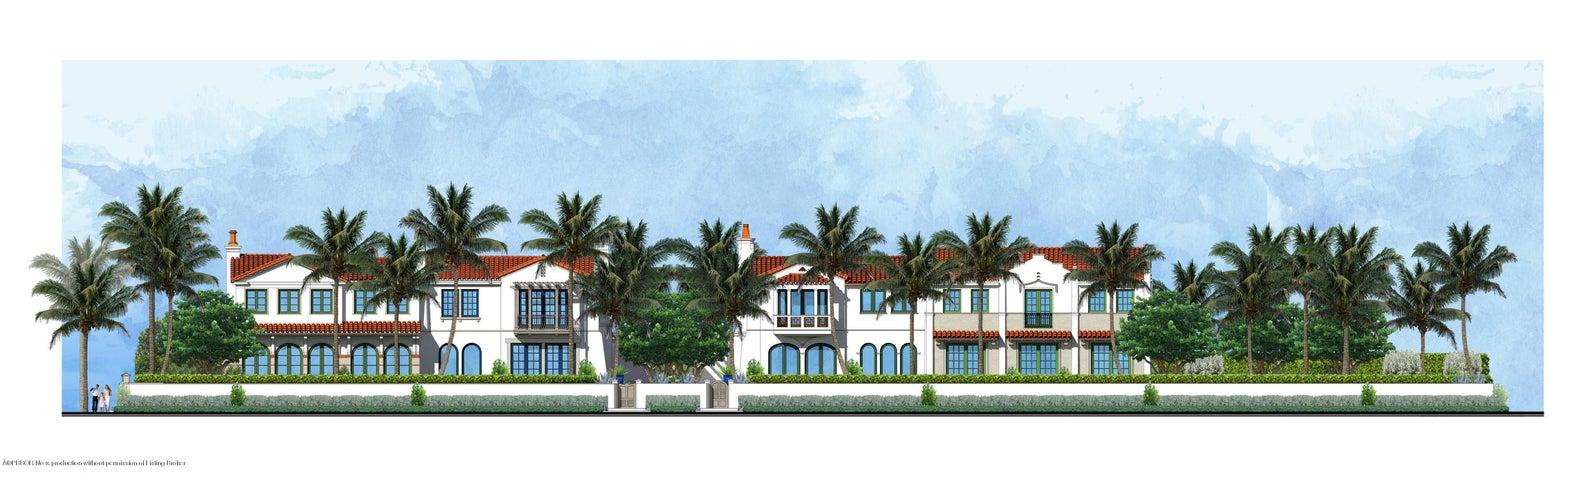 456 S Ocean Boulevard 1, Palm Beach, FL 33480